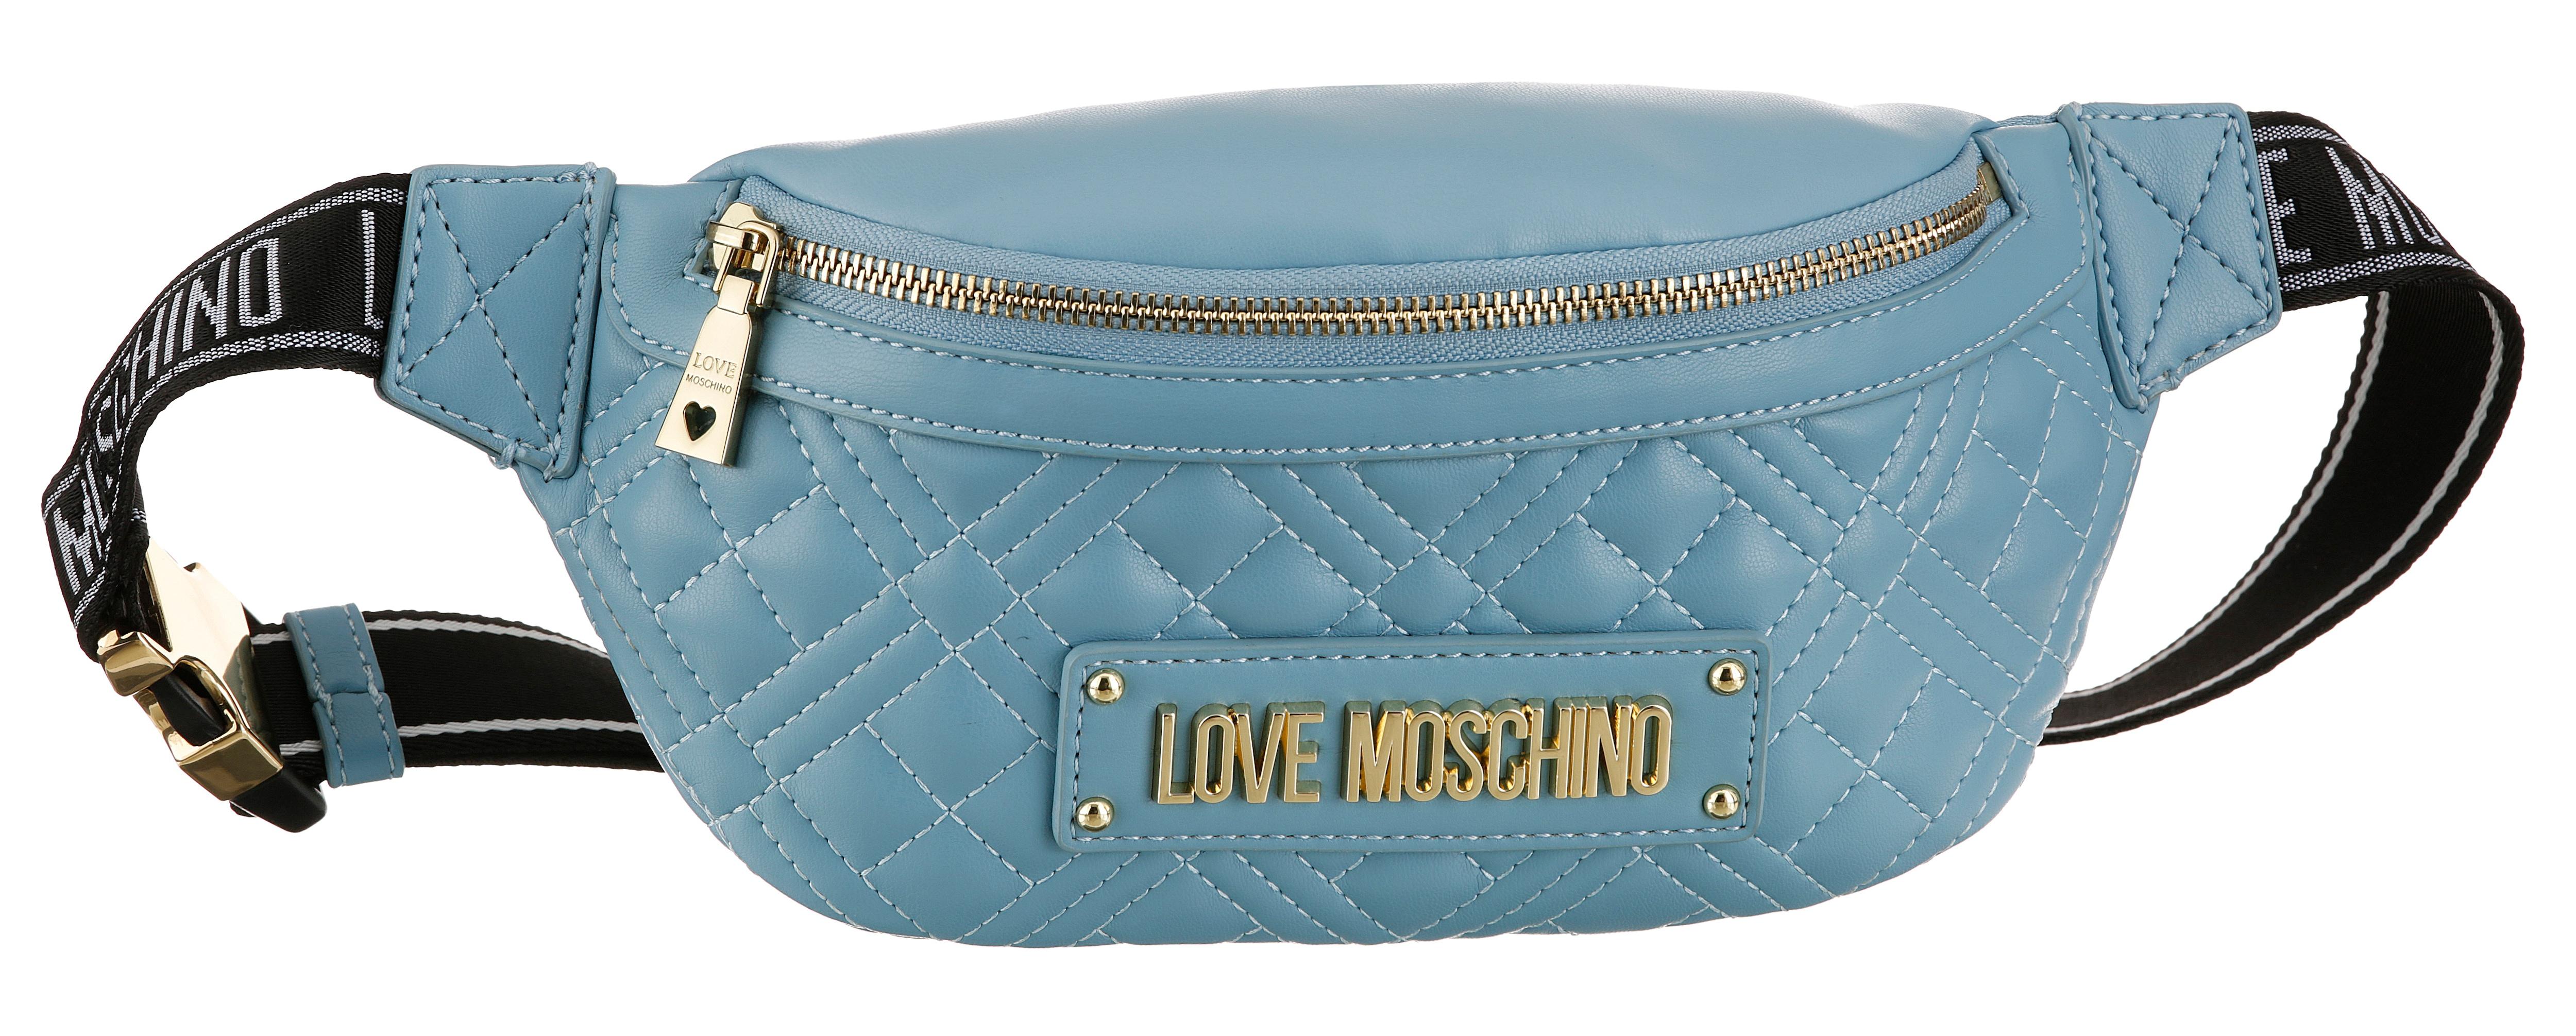 love moschino -  Bauchtasche, mit Ziersteppung goldfarbenen Details